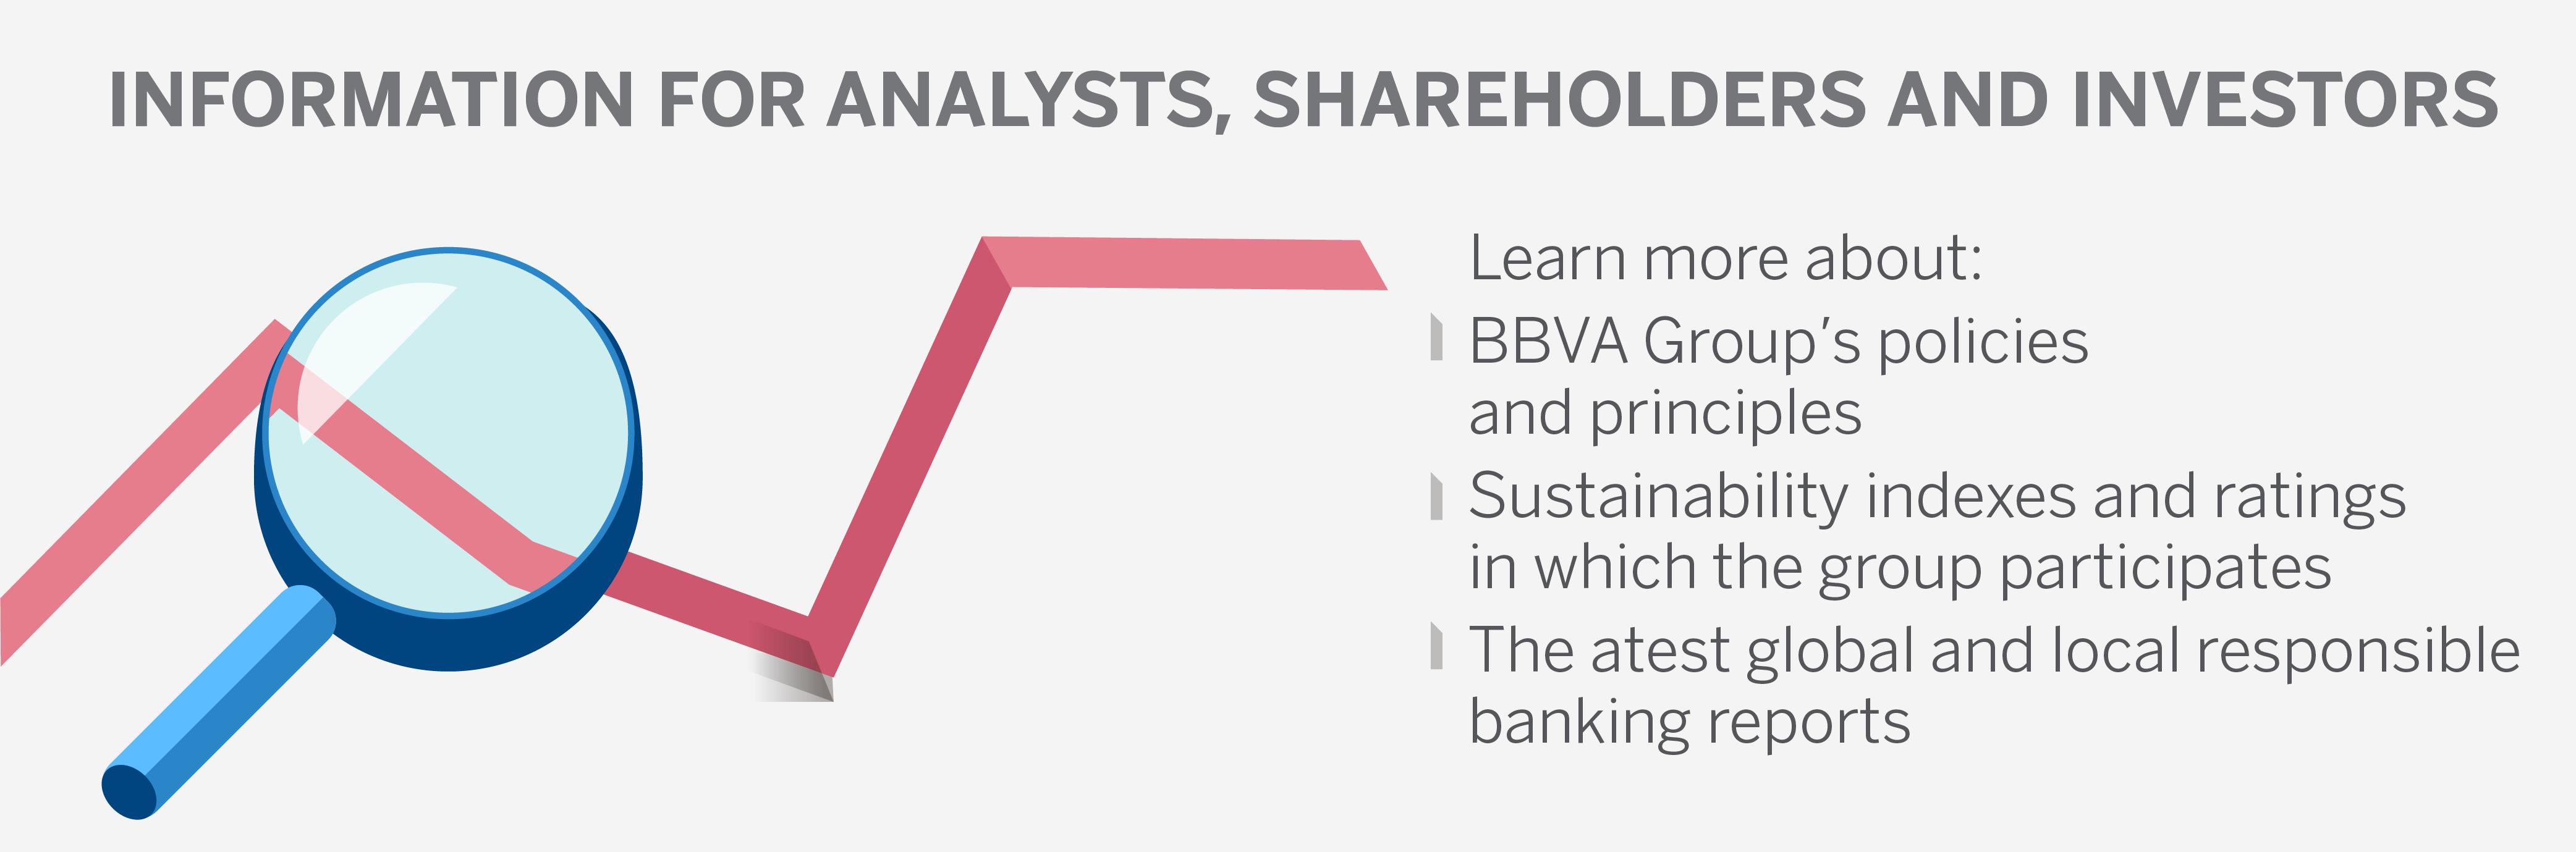 banca-responsable-eng_informacion-accionistas